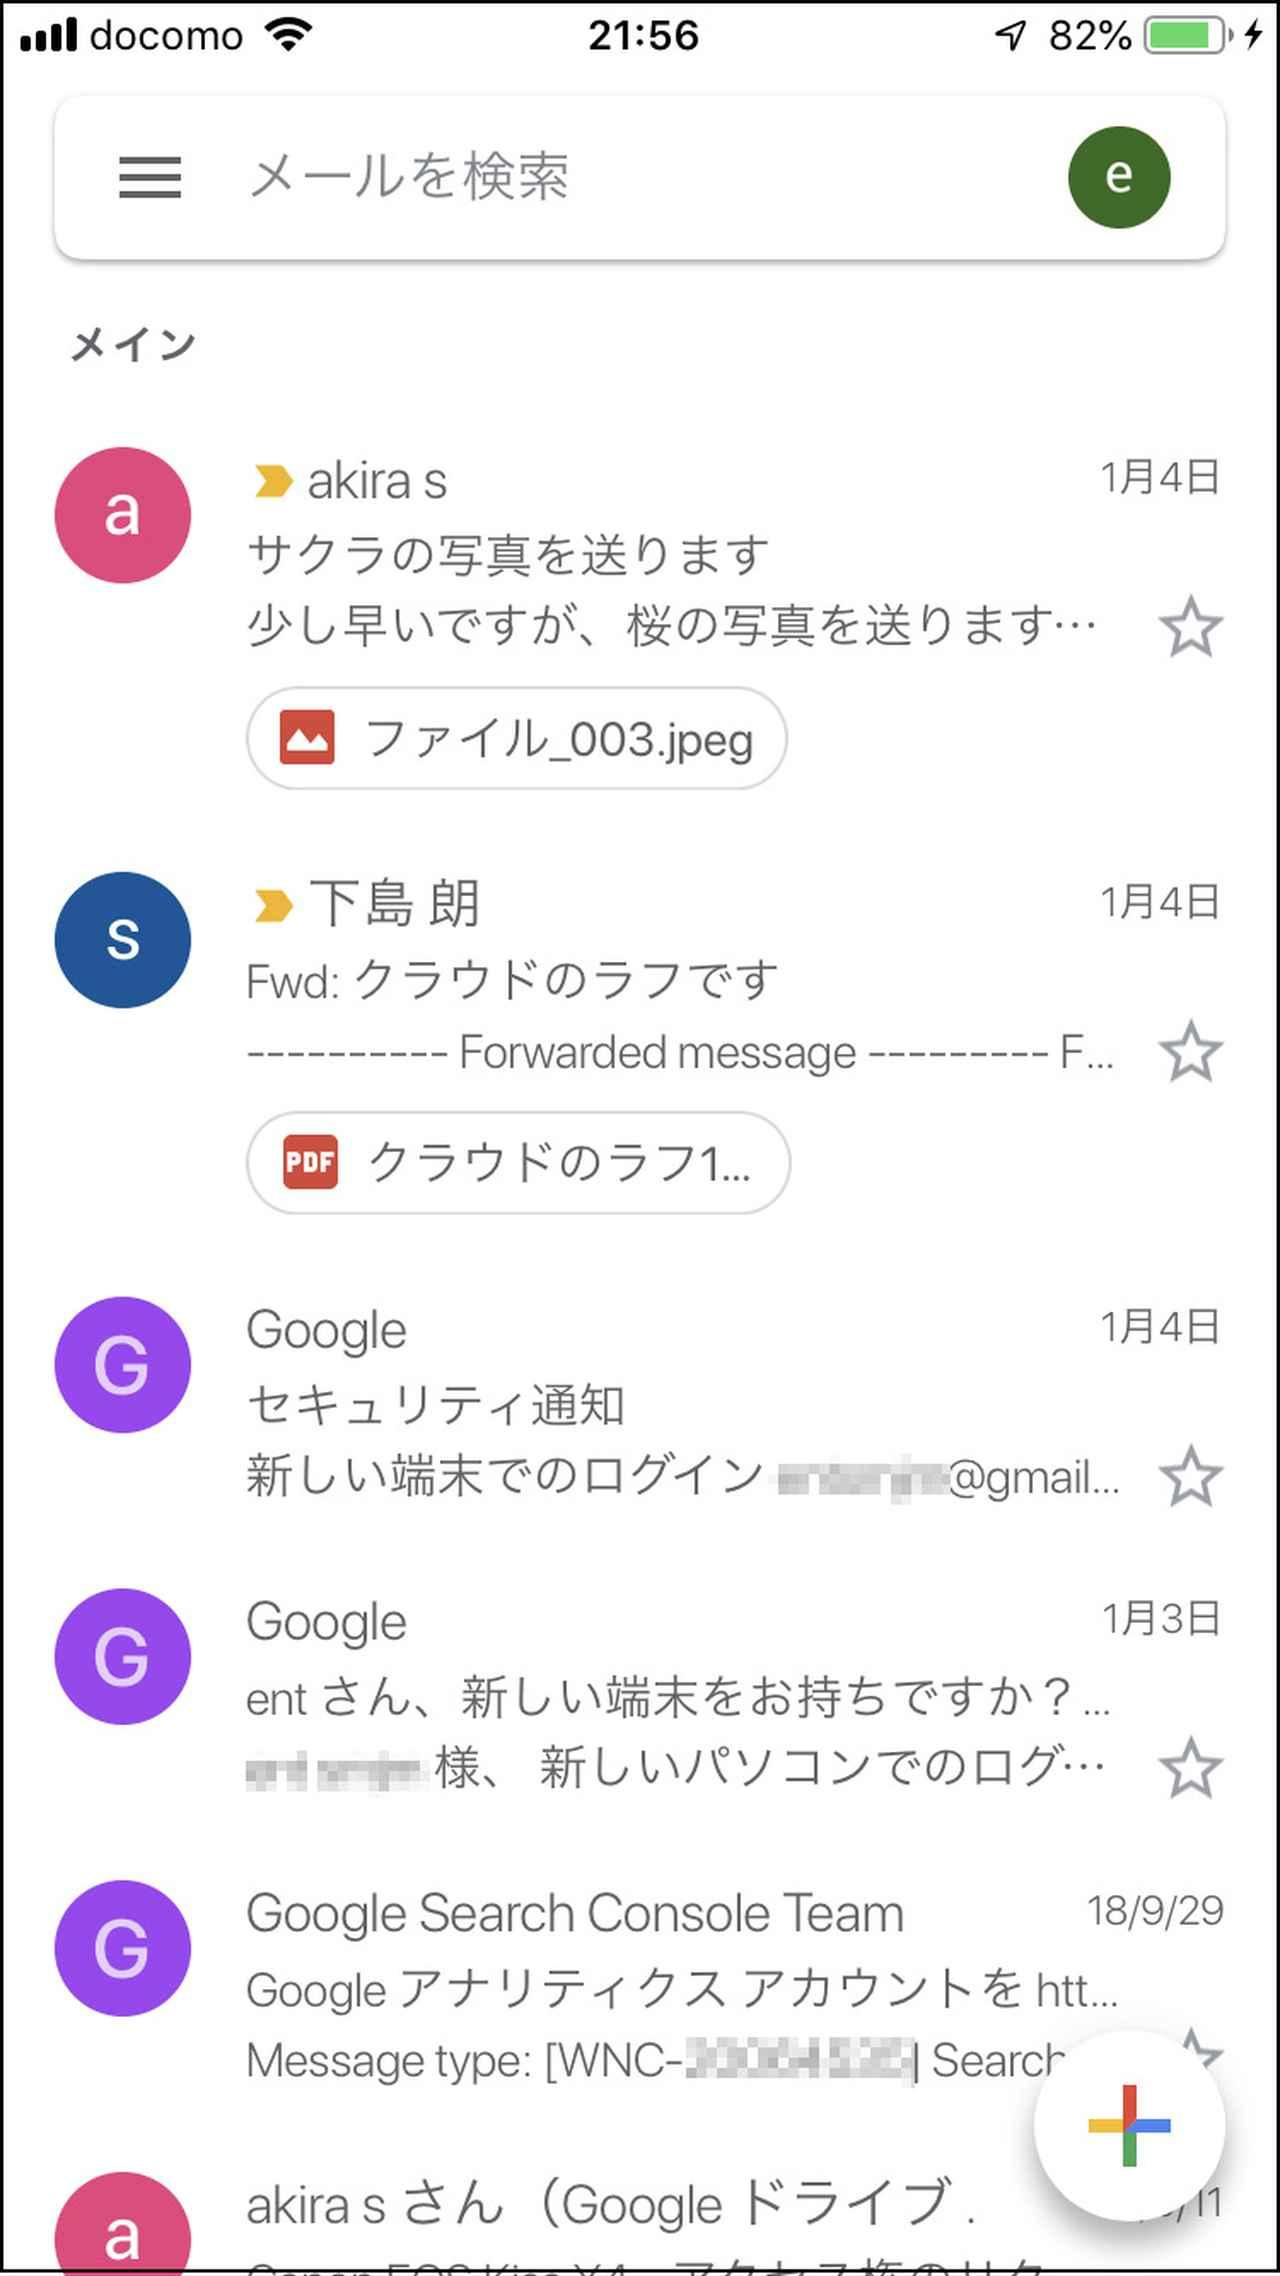 画像: iPhoneのGmailアプリにGoogleアカウント(Gmailアドレス)を設定して、Gmailの受信画面を開いたところ。上記、2番目の画像と同じ内容が表示されている。